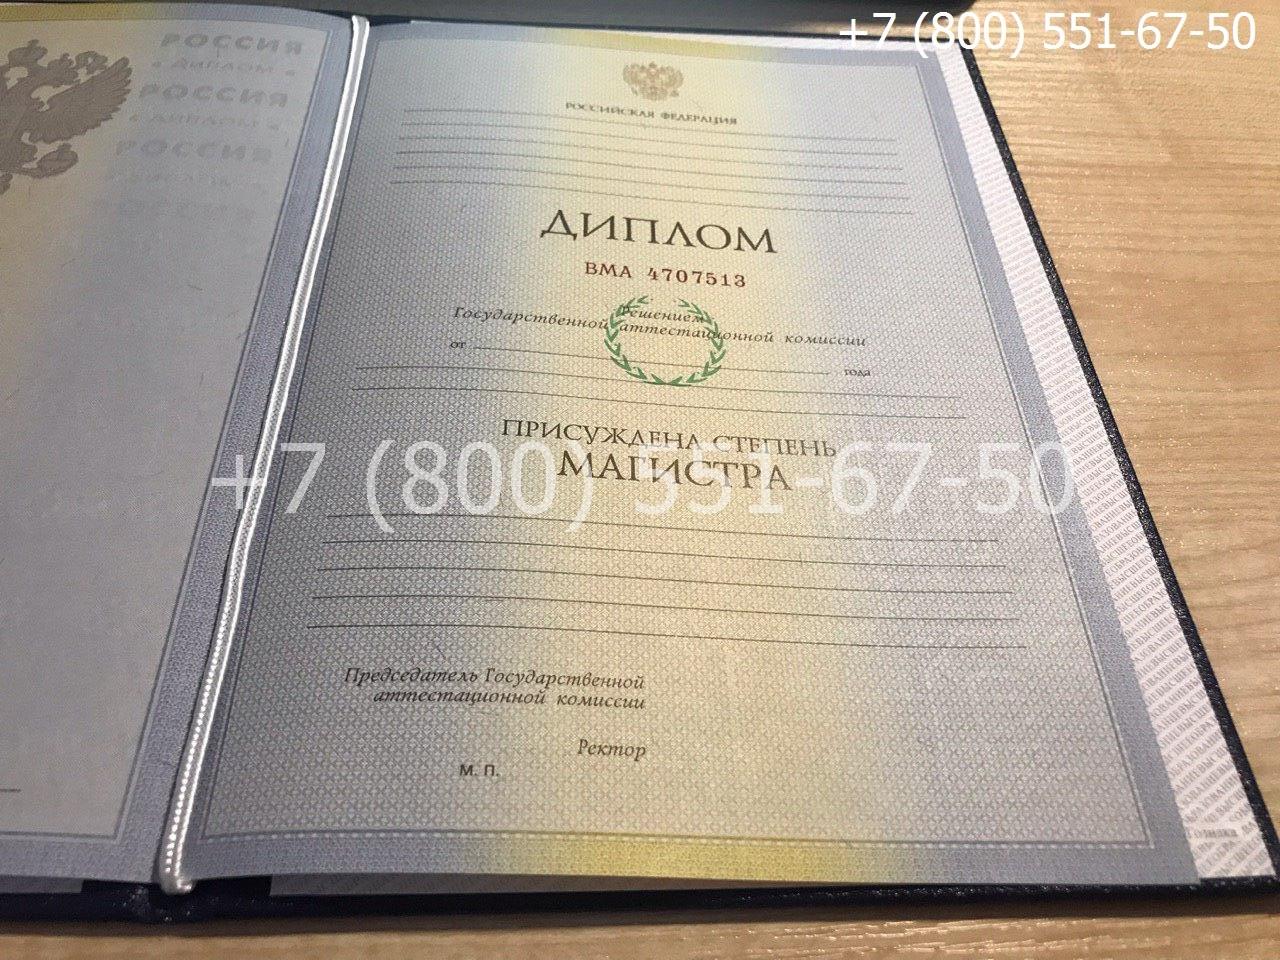 Диплом магистра 2009-2011 годов, образец, титульный лист-1